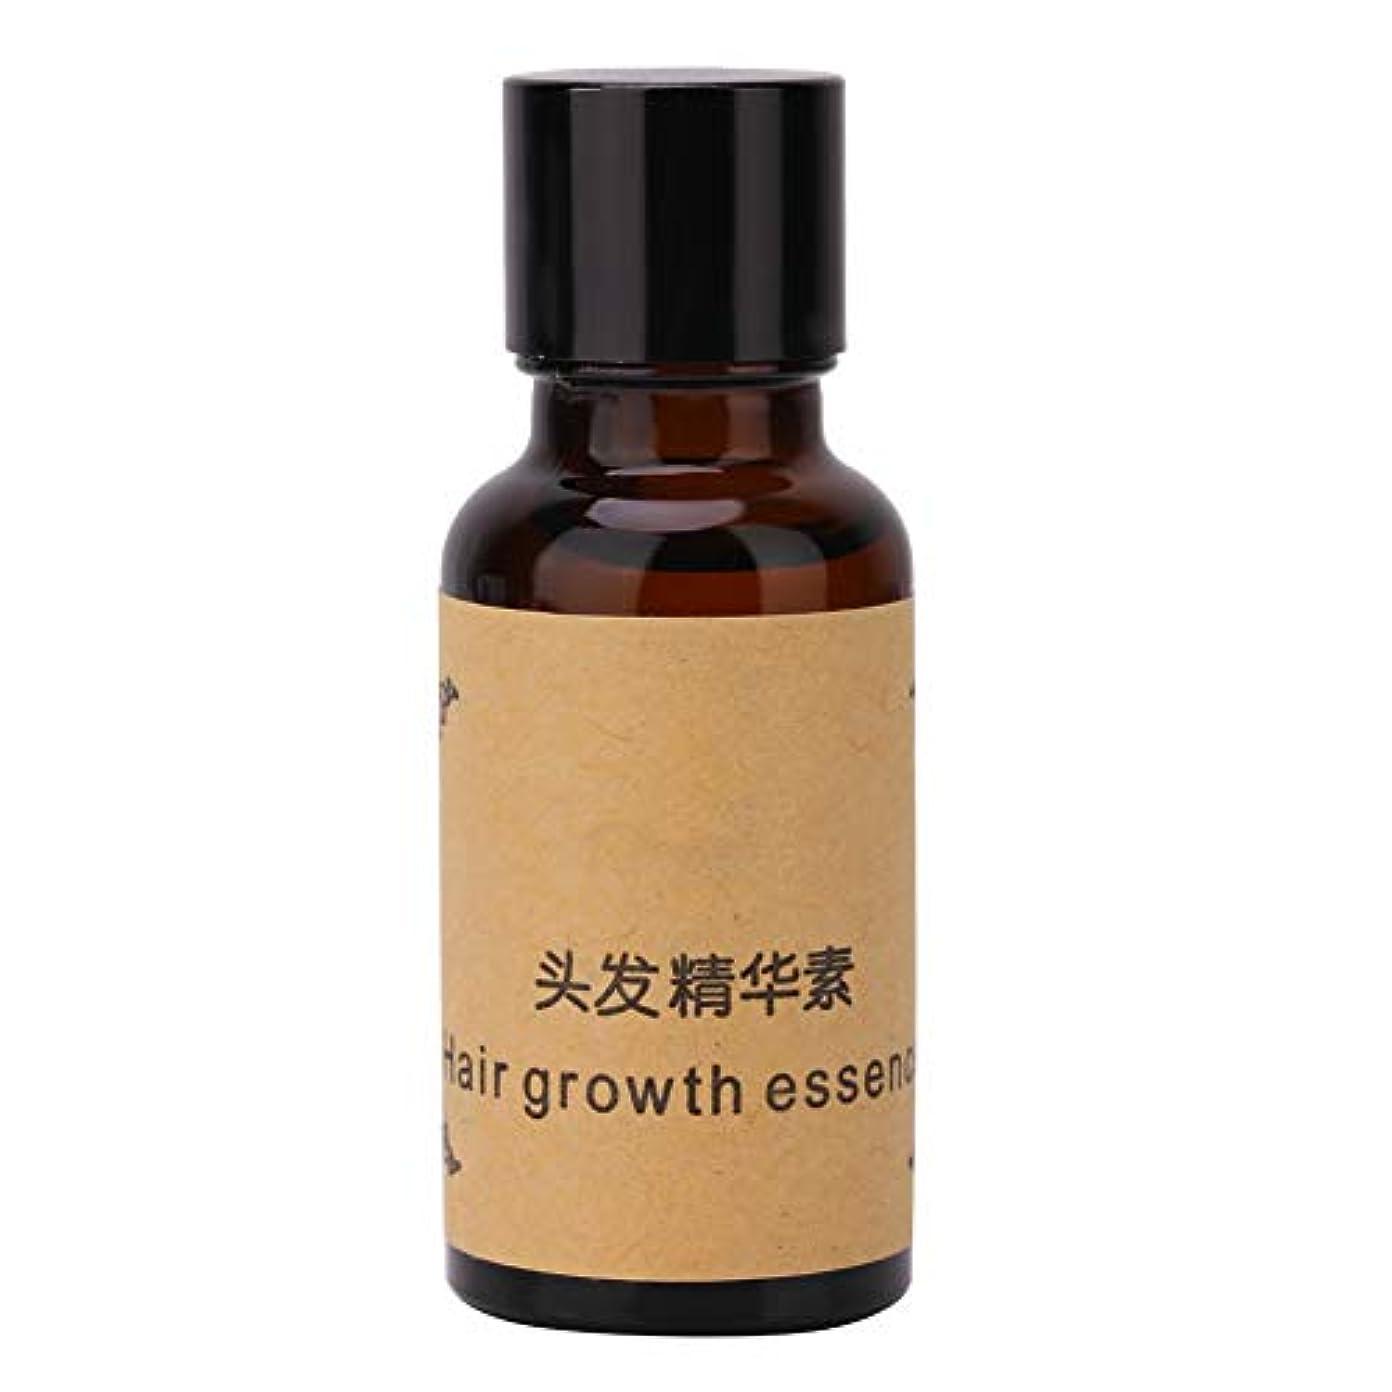 製造うなり声精算ヘアケアエッセンシャルオイル、栄養補給ヘアケアエッセンシャルオイル保湿エッセンスアンチ抜け毛防止リキッド20ml